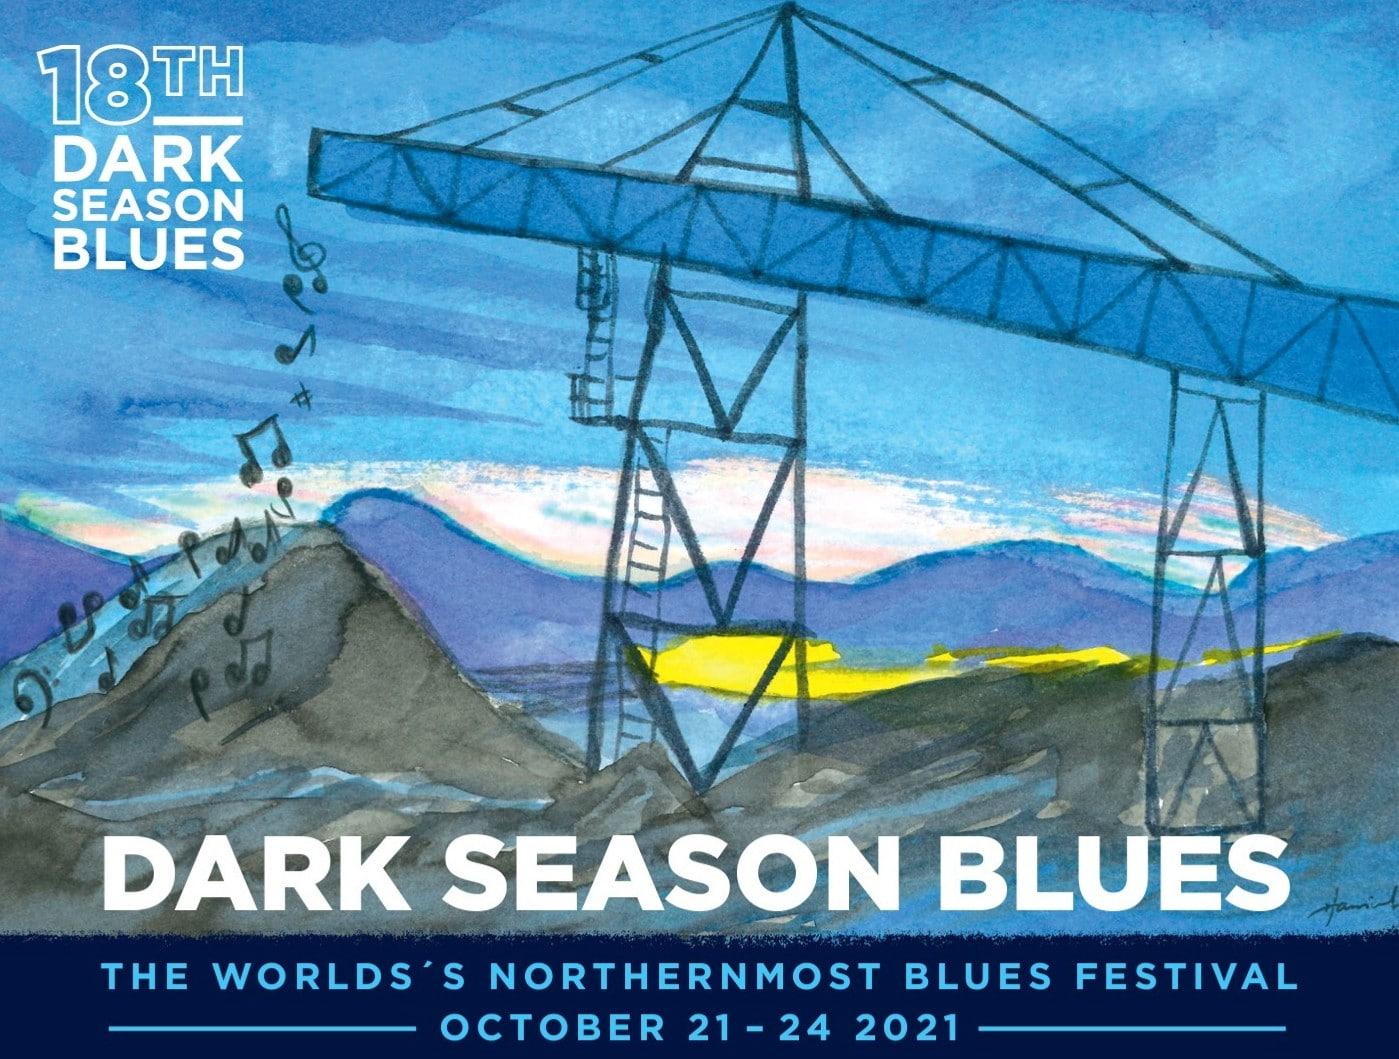 Dark Season Blues 2021